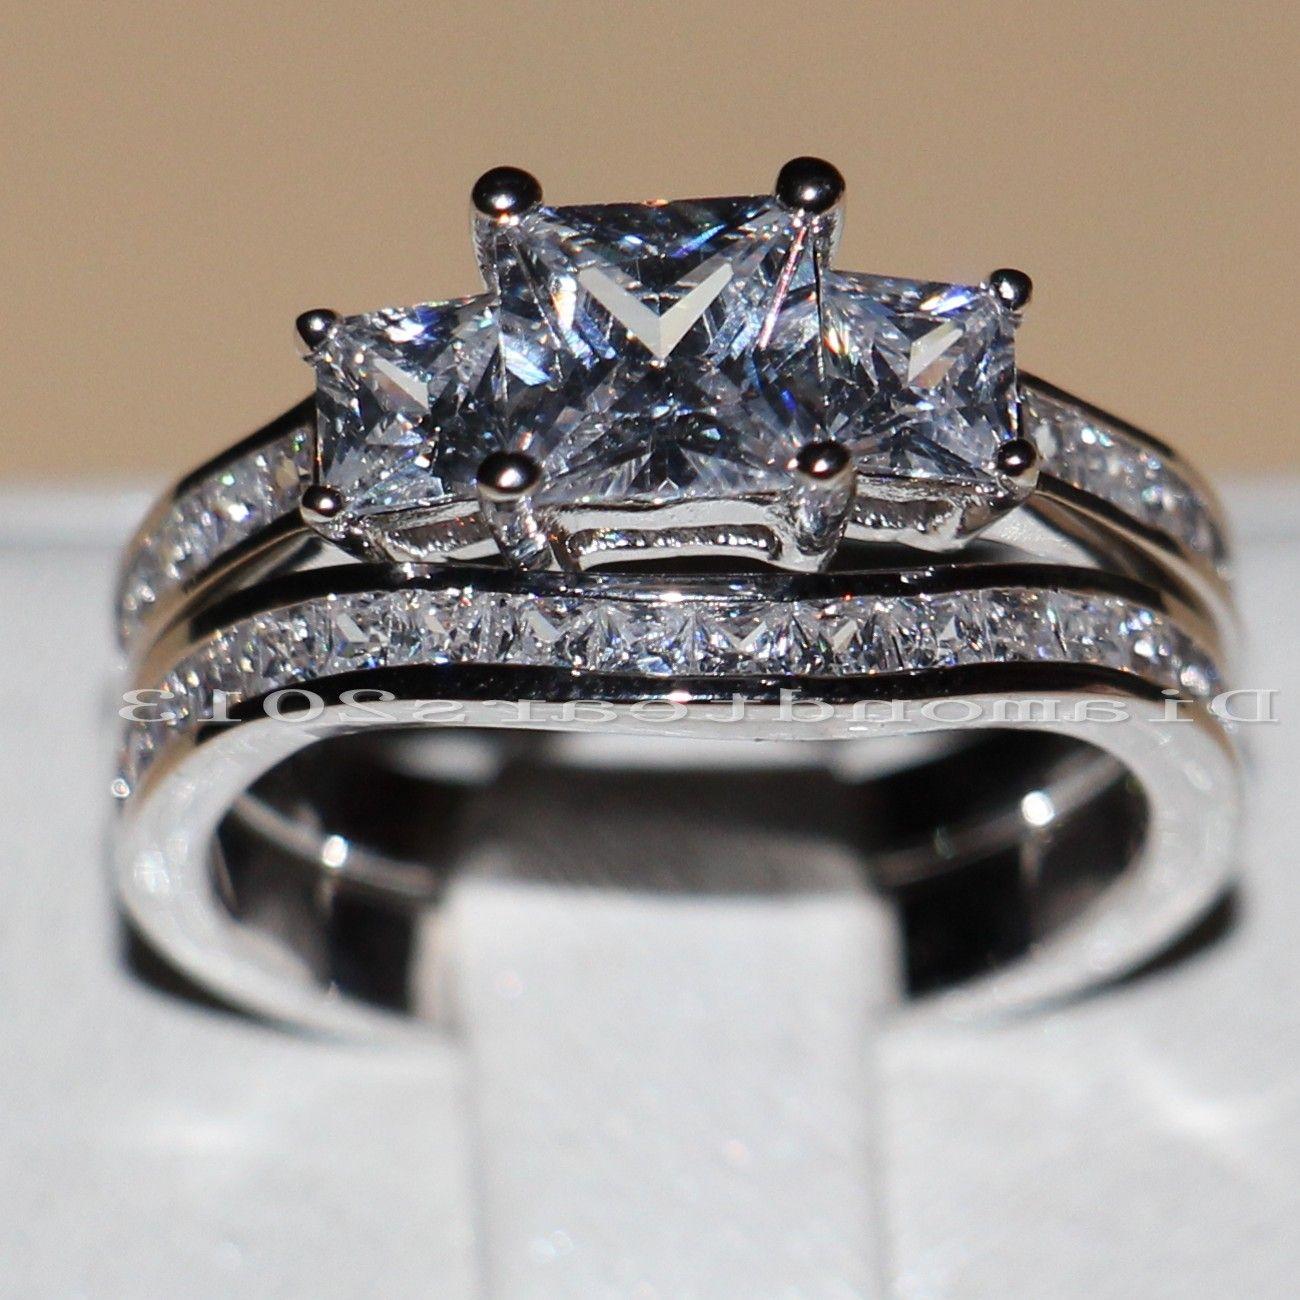 Victoria wieck luxe sieraden 10kt wit goud gevuld topaas gesimuleerde diamant bruiloft prinses bruids ringen voor vrouwen maat 5/7/7/8/9/10